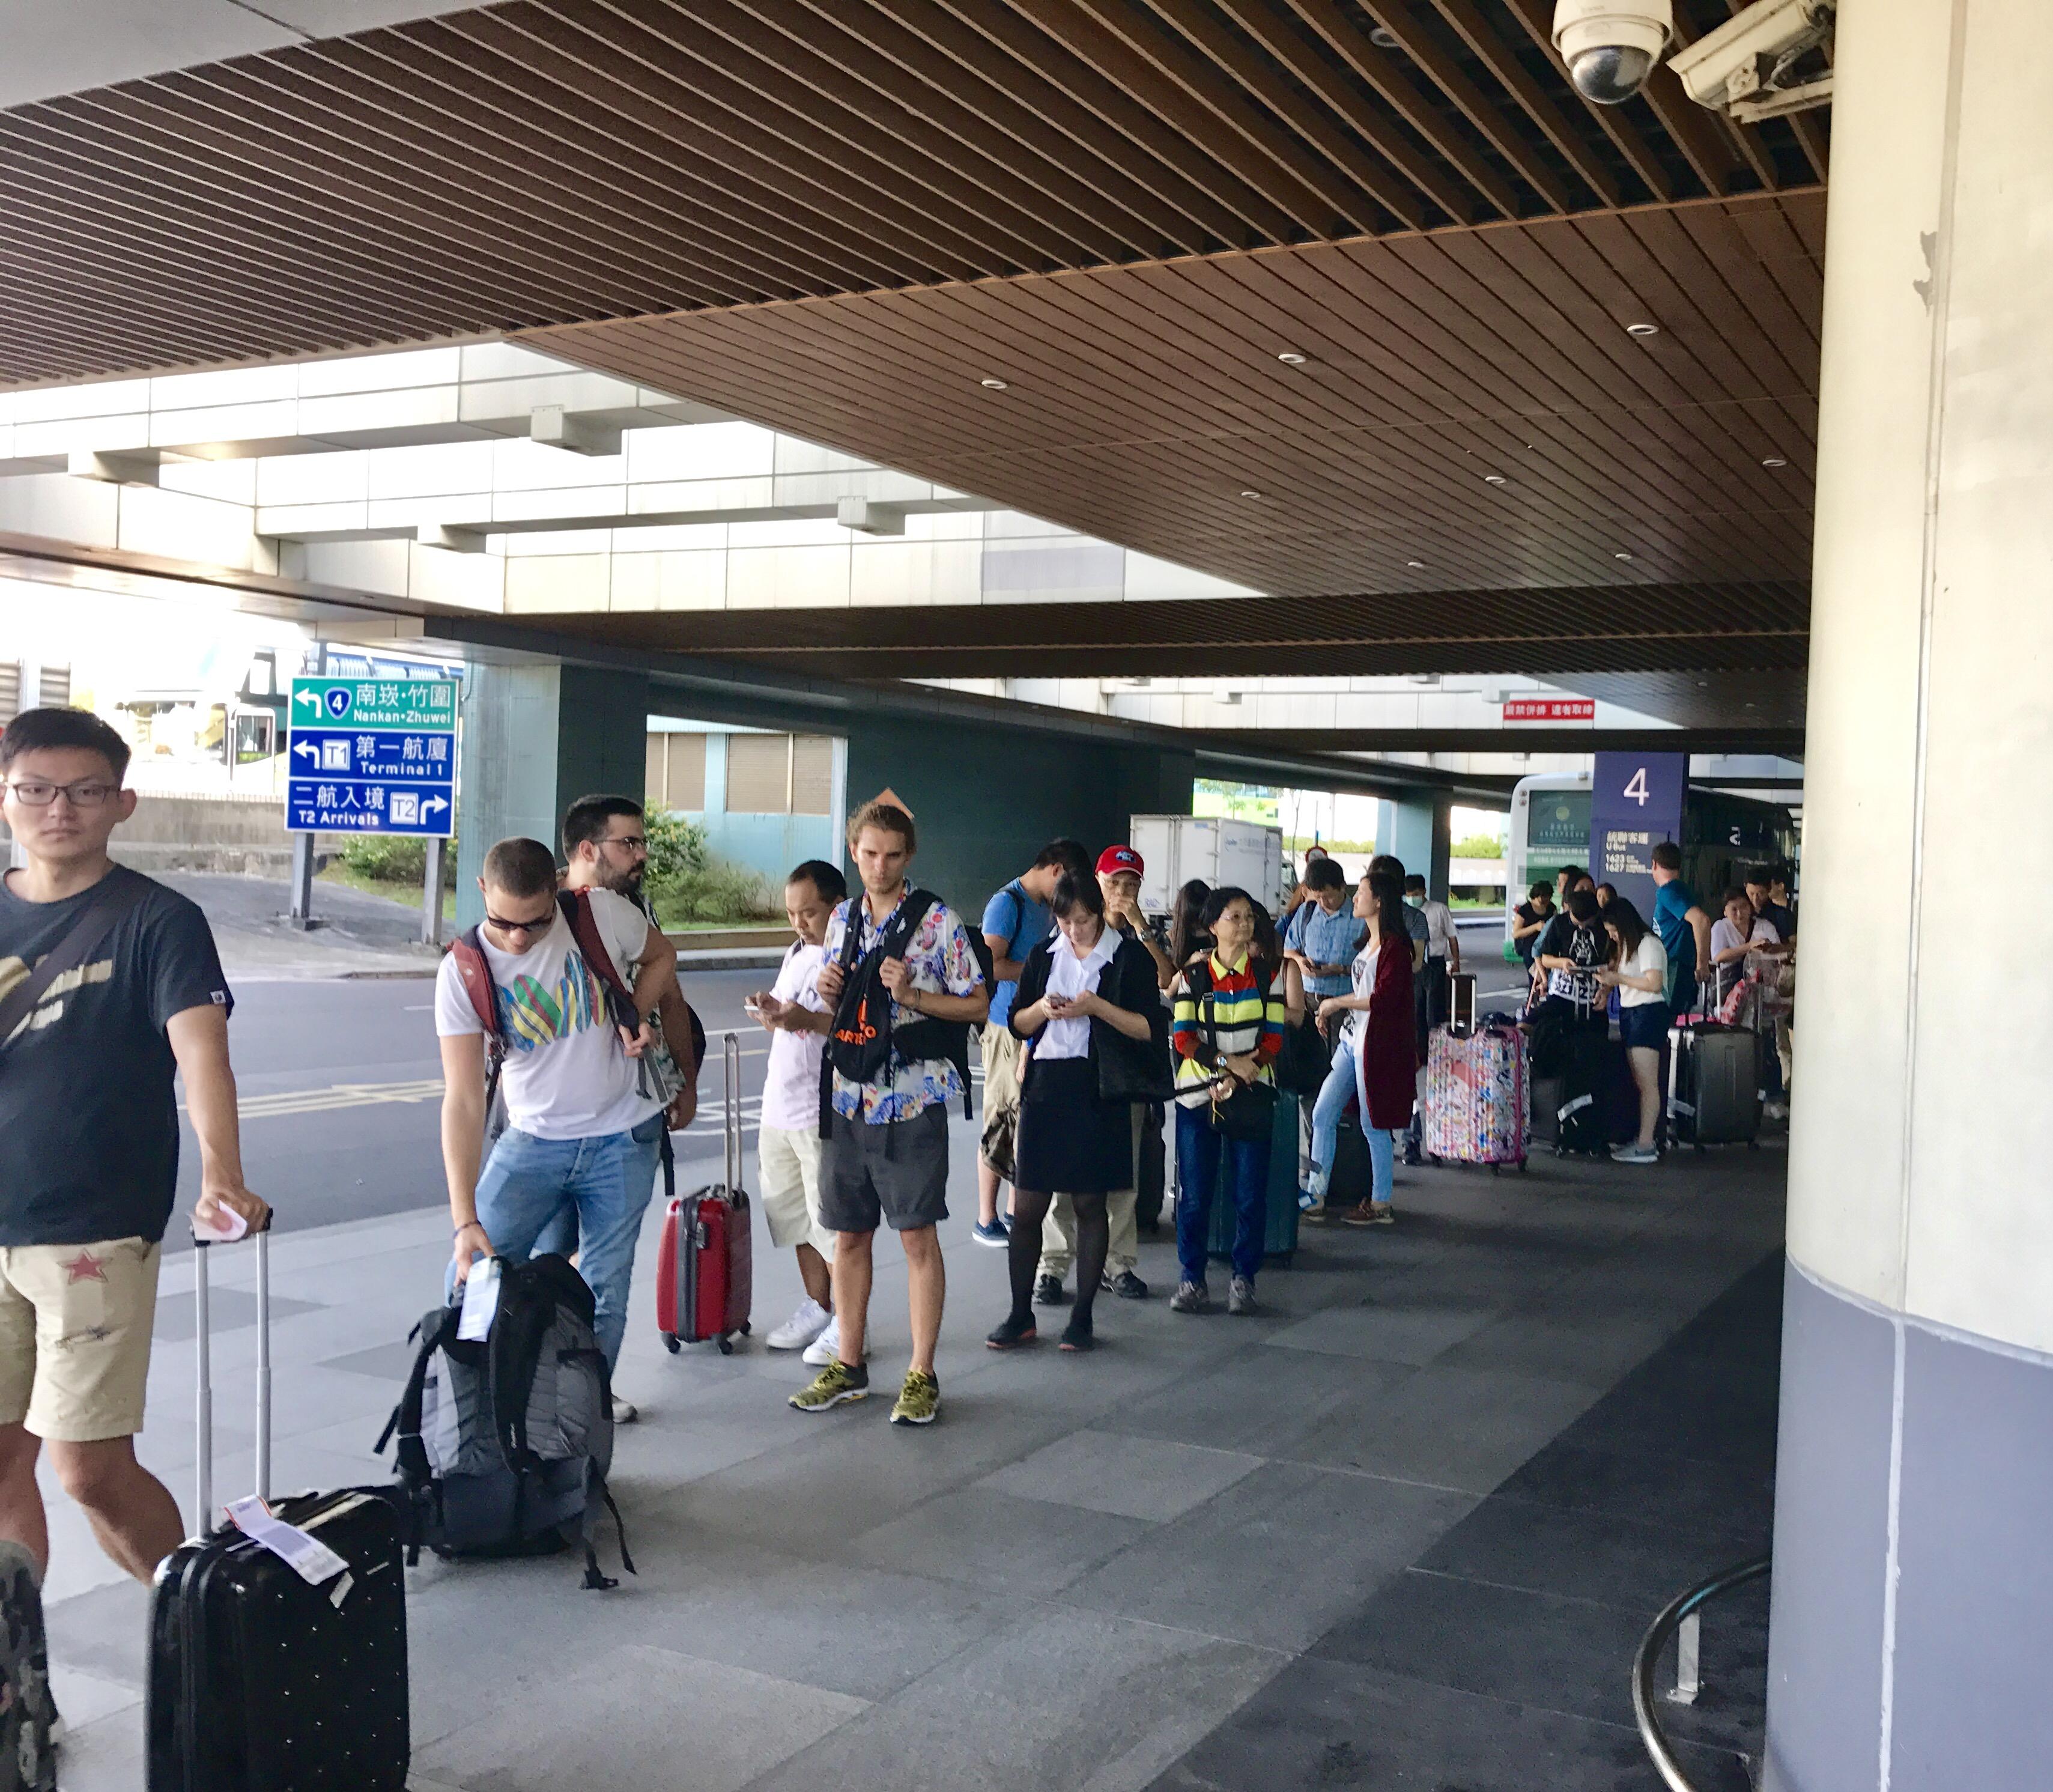 桃園空港からの移動-バスで台北駅へ-7